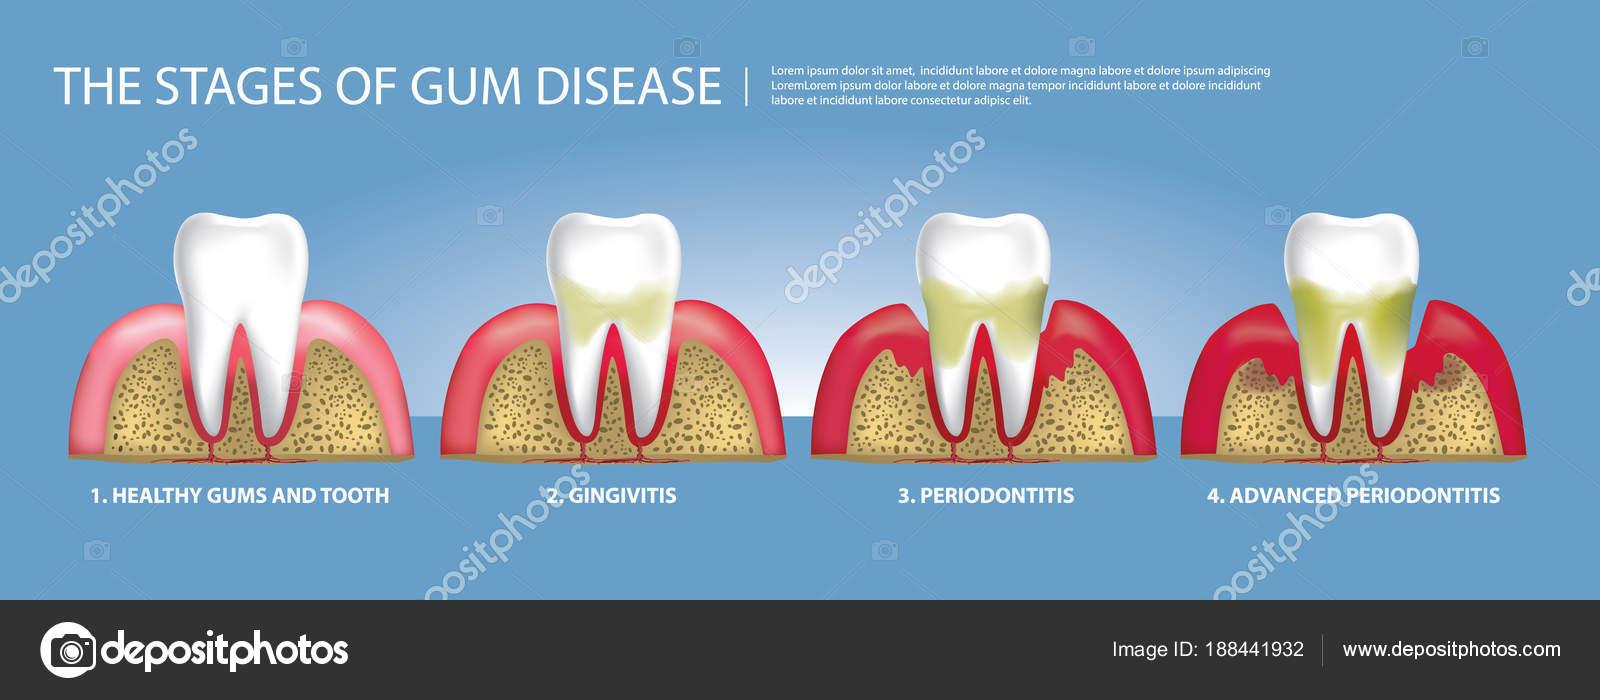 Menschliche Zähne Stufen Des Gum Disease Vektor Illustration ...